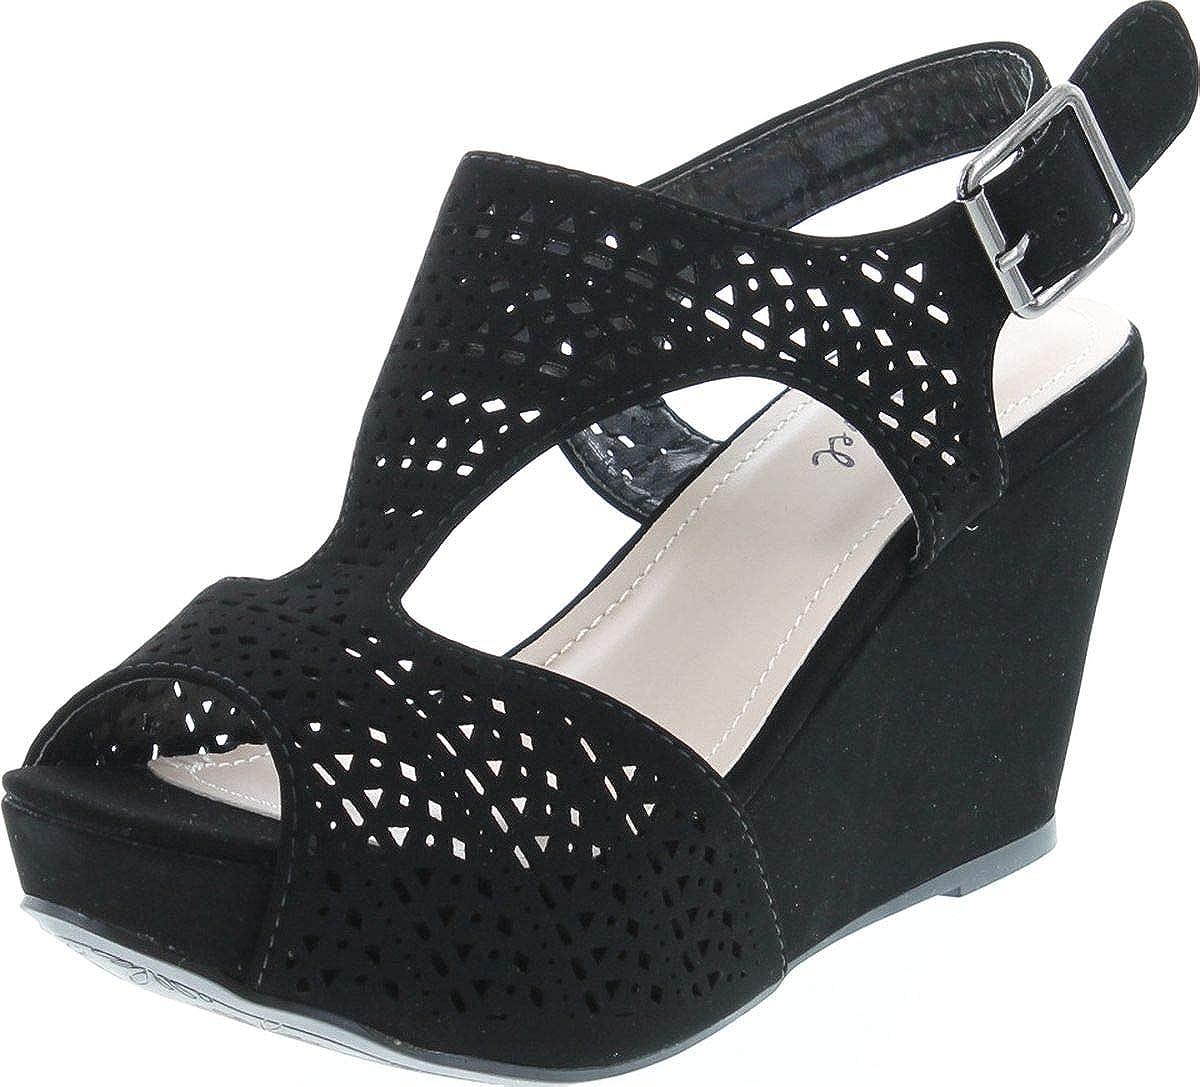 Bonnibel Women's Platform Wedge Heel Cut Out Sling Back Sandals